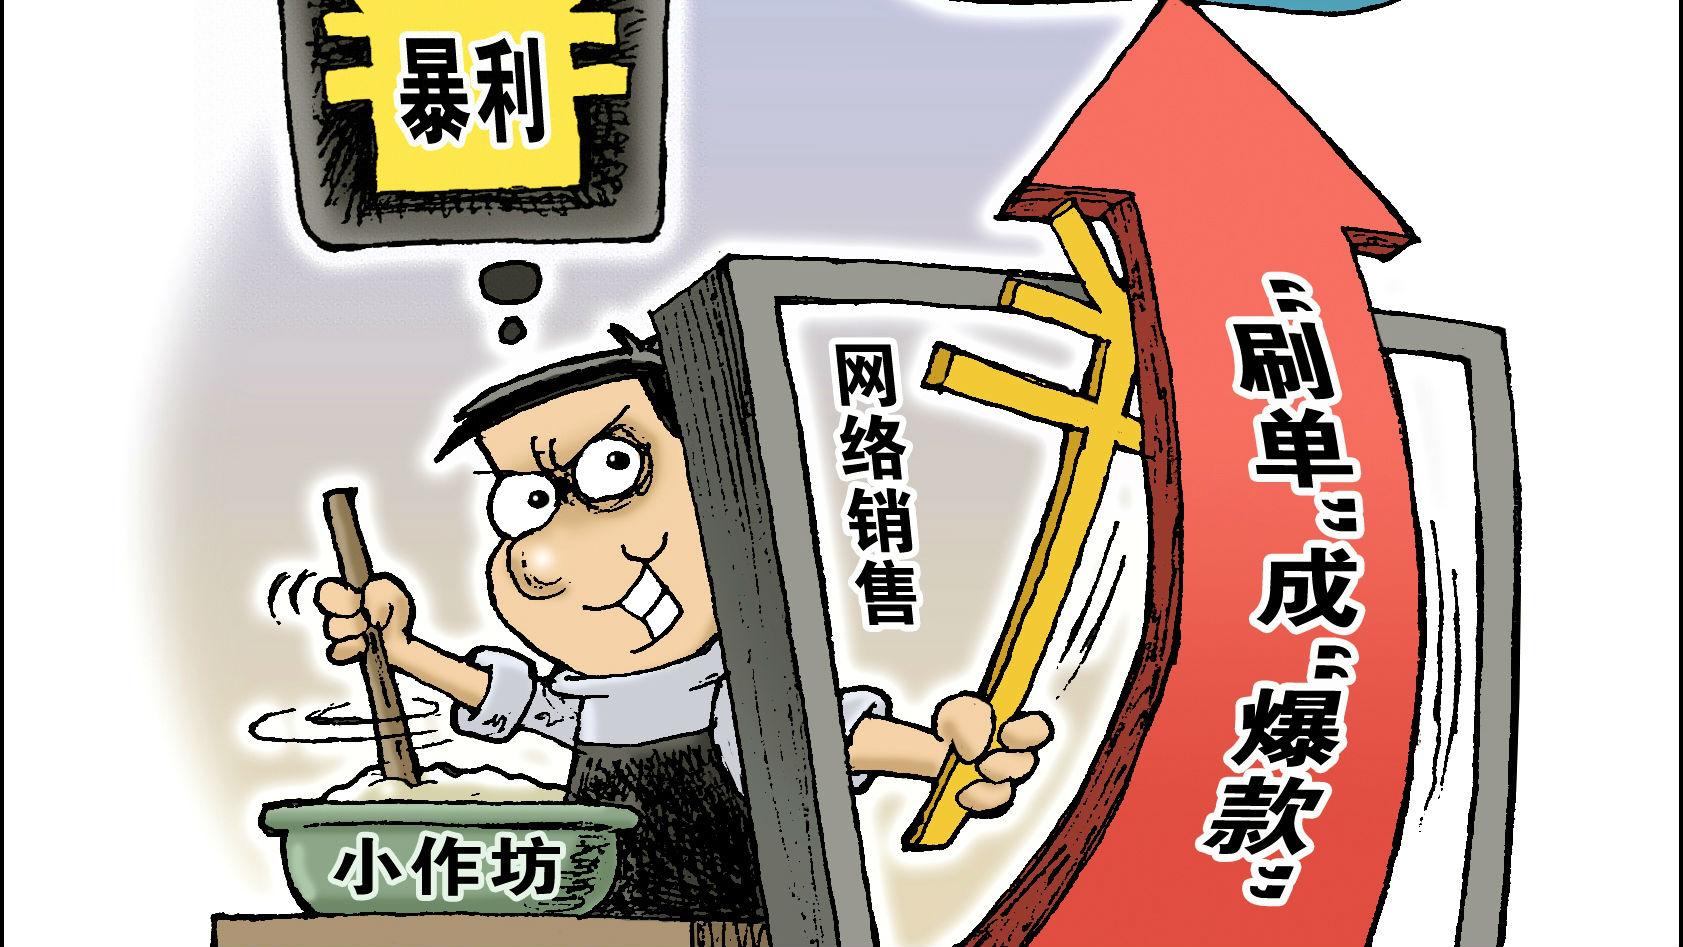 """港媒关注内地电商""""刷单""""盛行:博眼球抢夺资源之风不可长"""